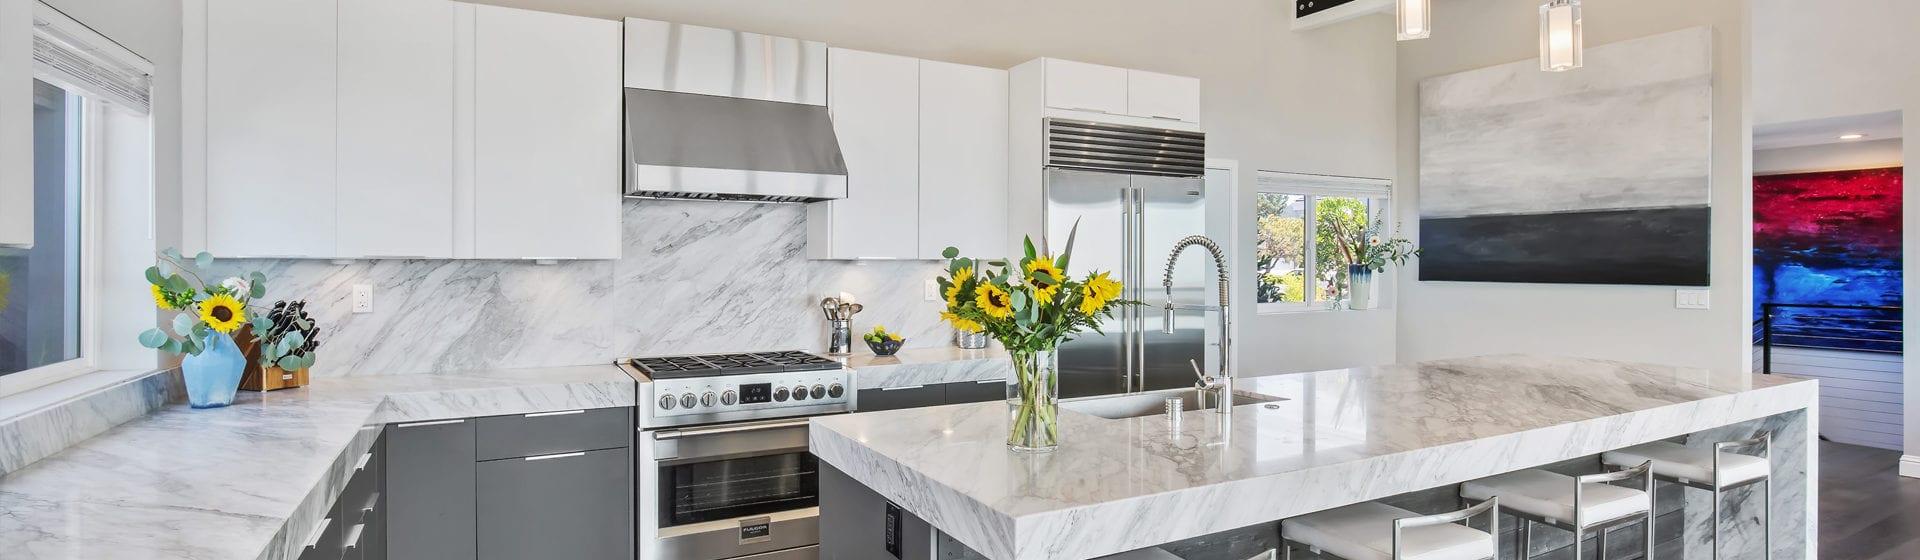 Range Hoods | Kitchen Ventilation | Wine Cooler Refrigeration   Zephyr